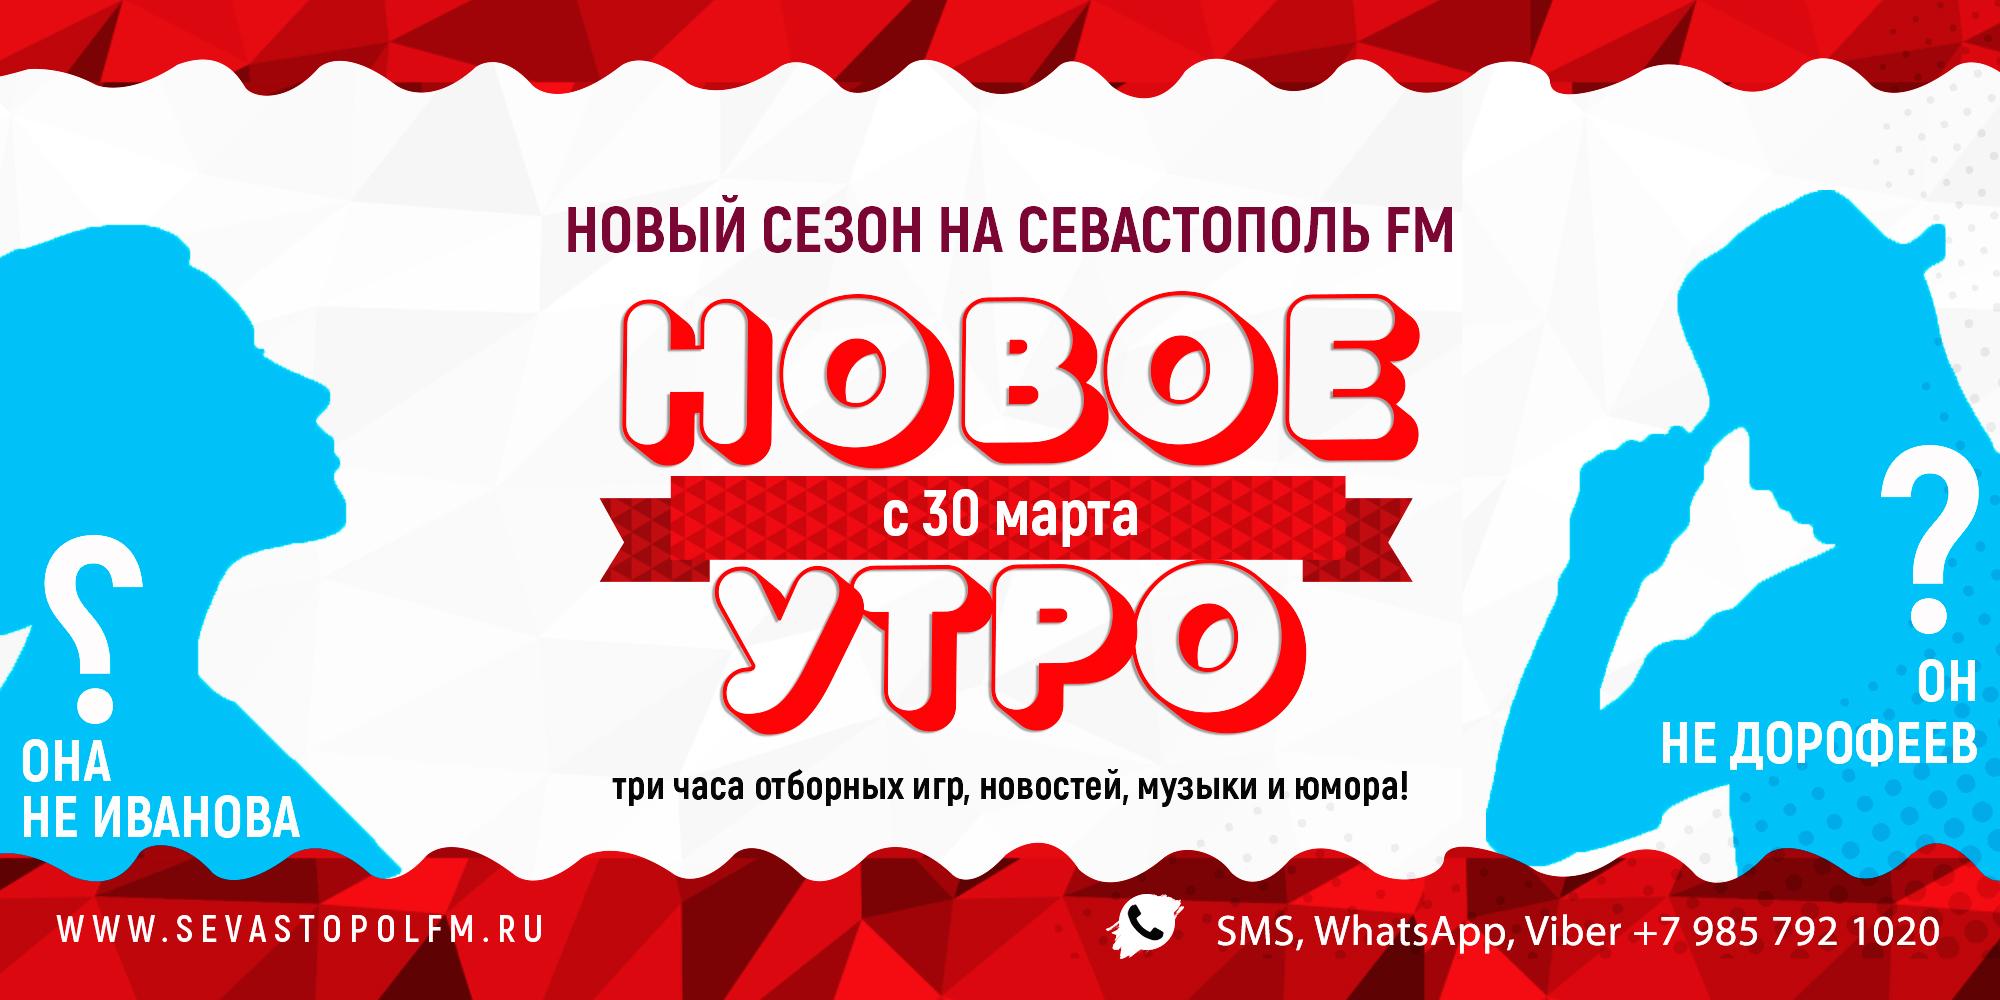 Новый сезон на Севастополь FM 7